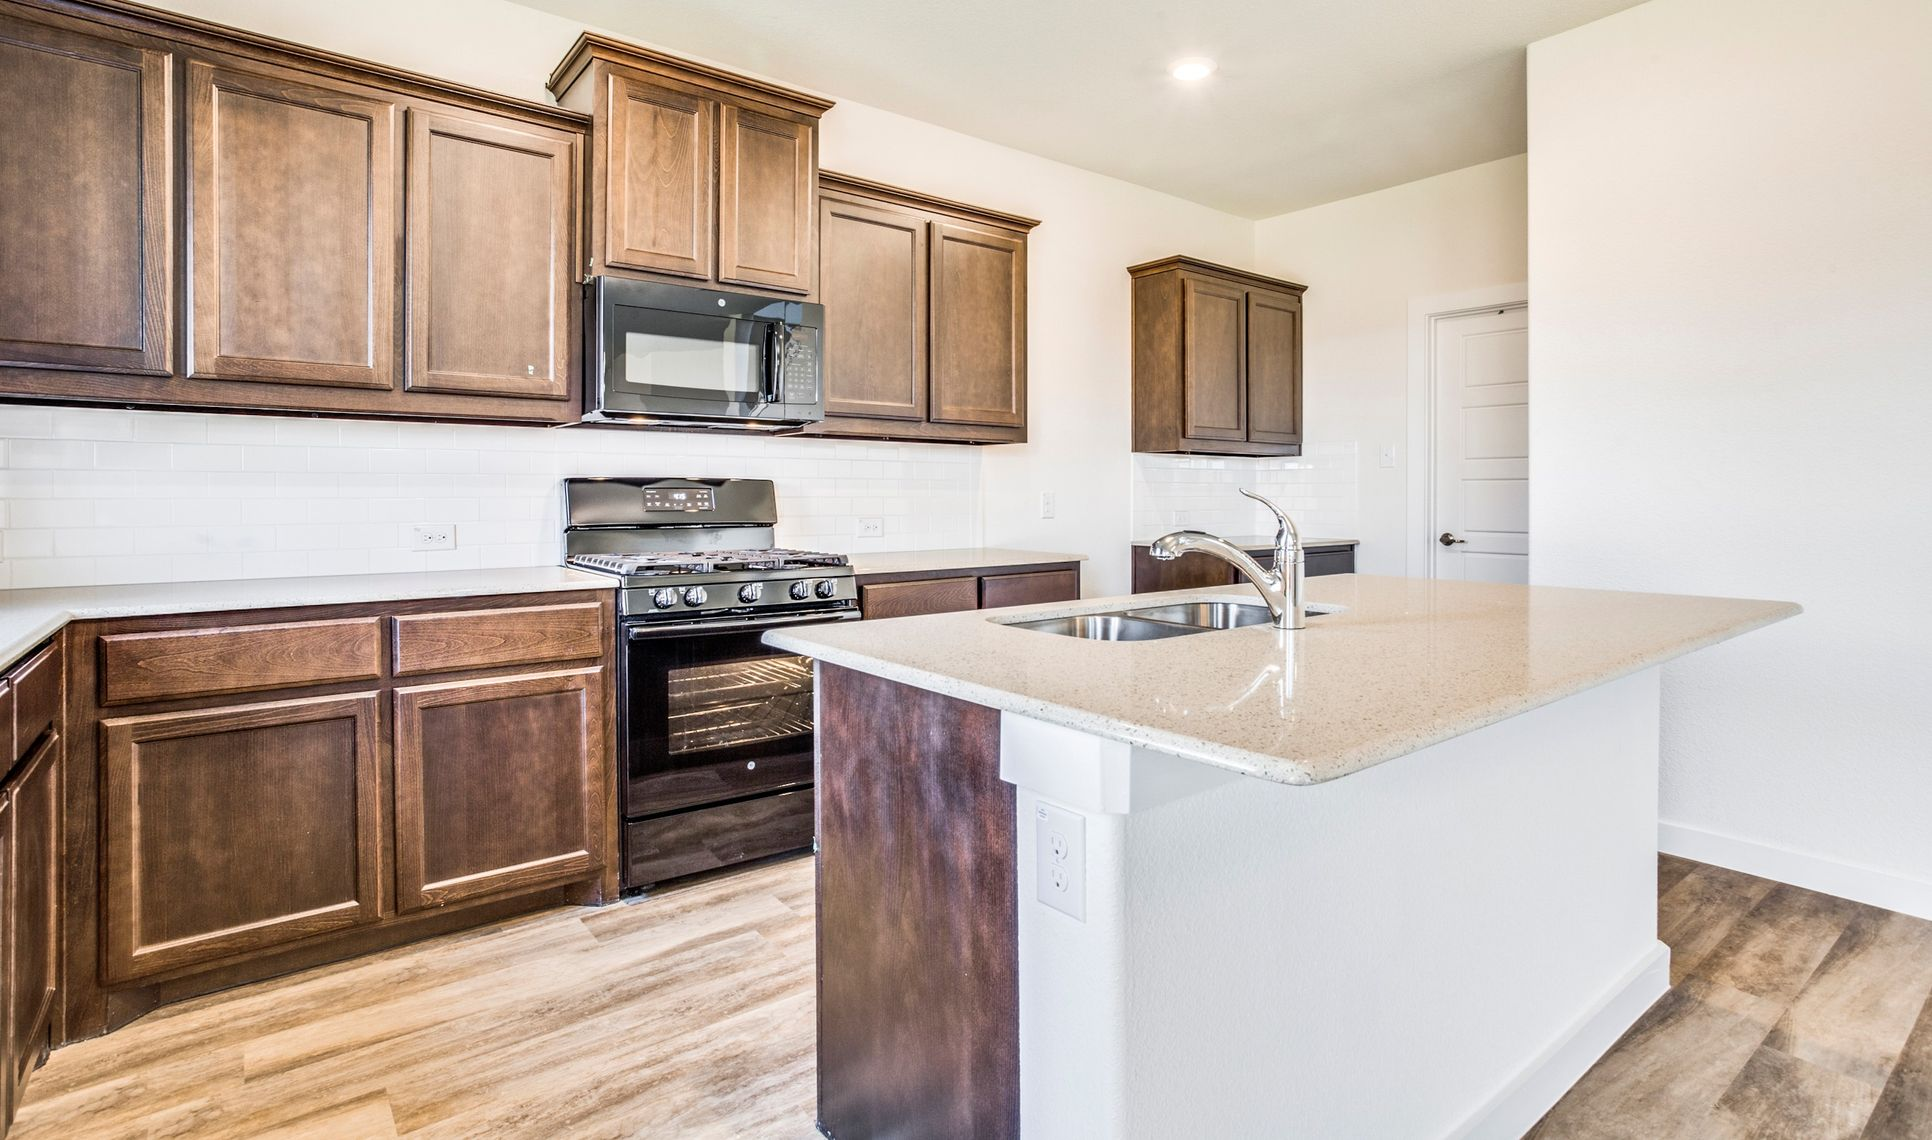 Interior:Stunning kitchen countertops